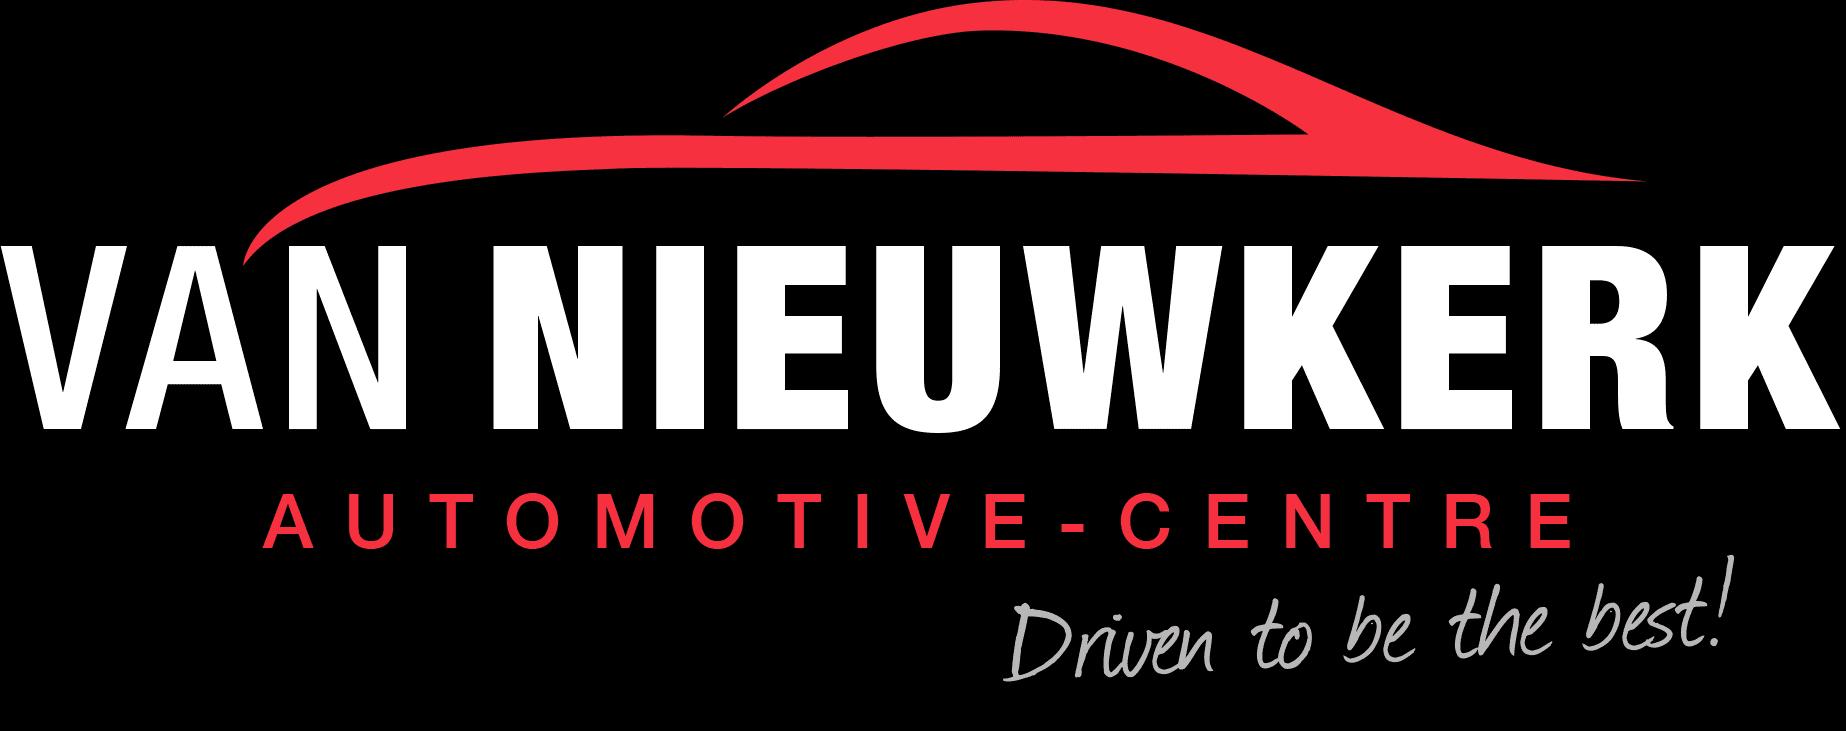 Welkom bij Automotive-centre Van Nieuwkerk!